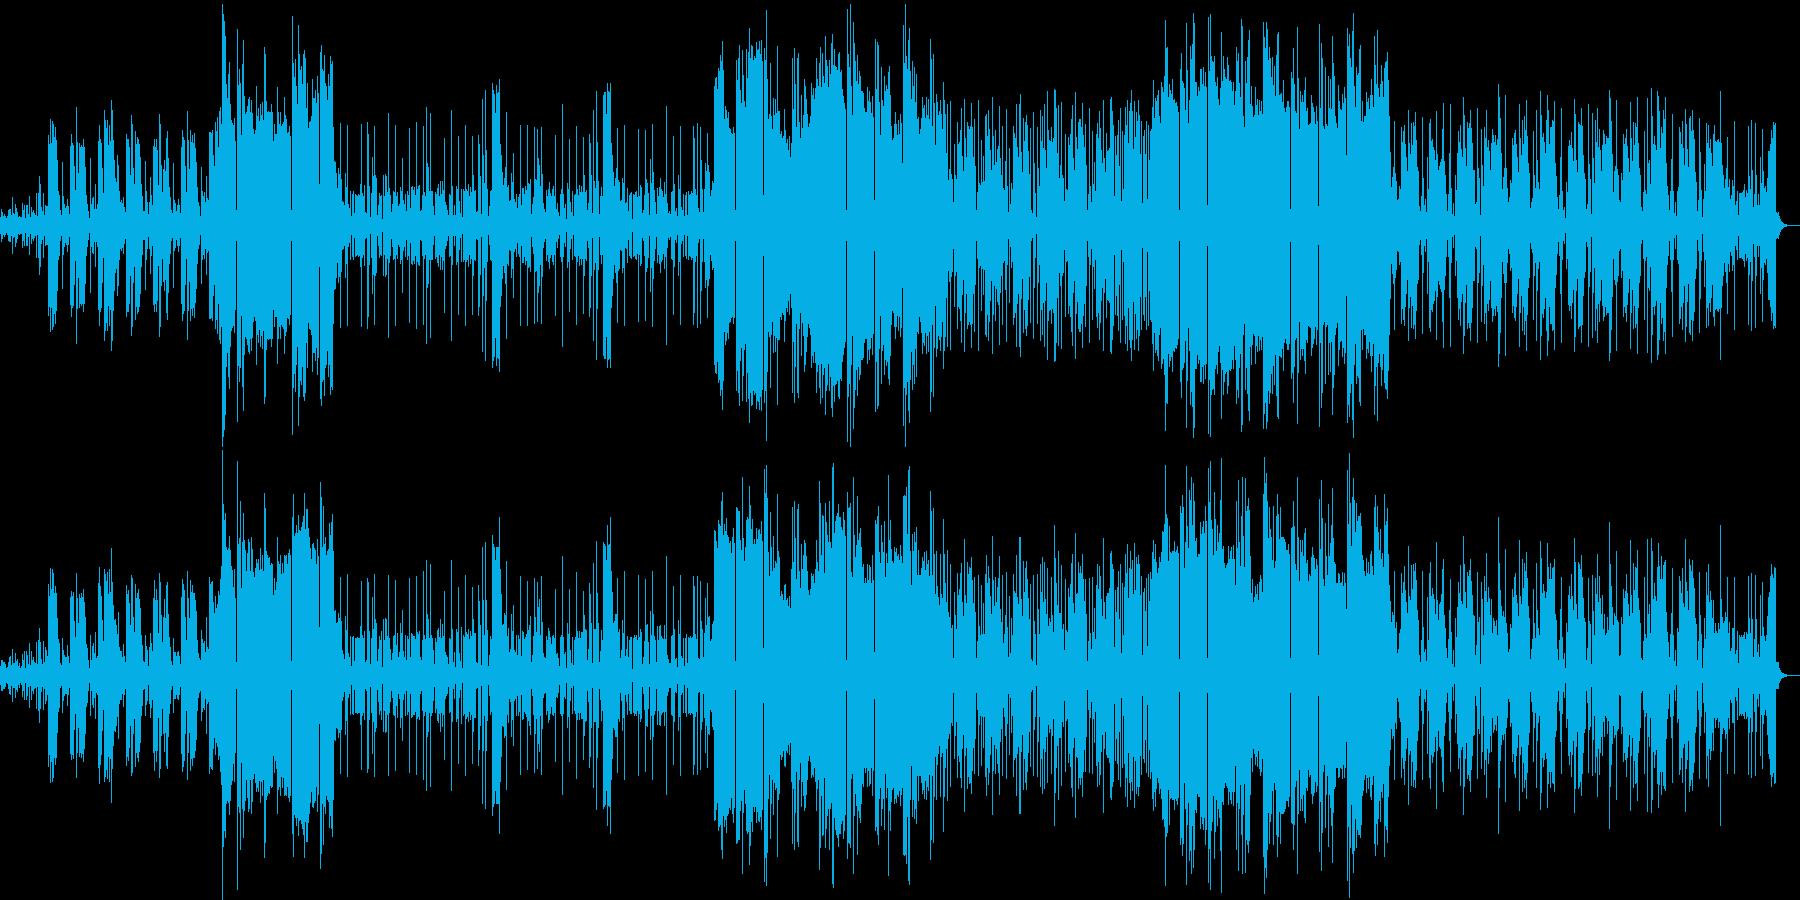 『さくら』三味線のヒップホップアレンジの再生済みの波形